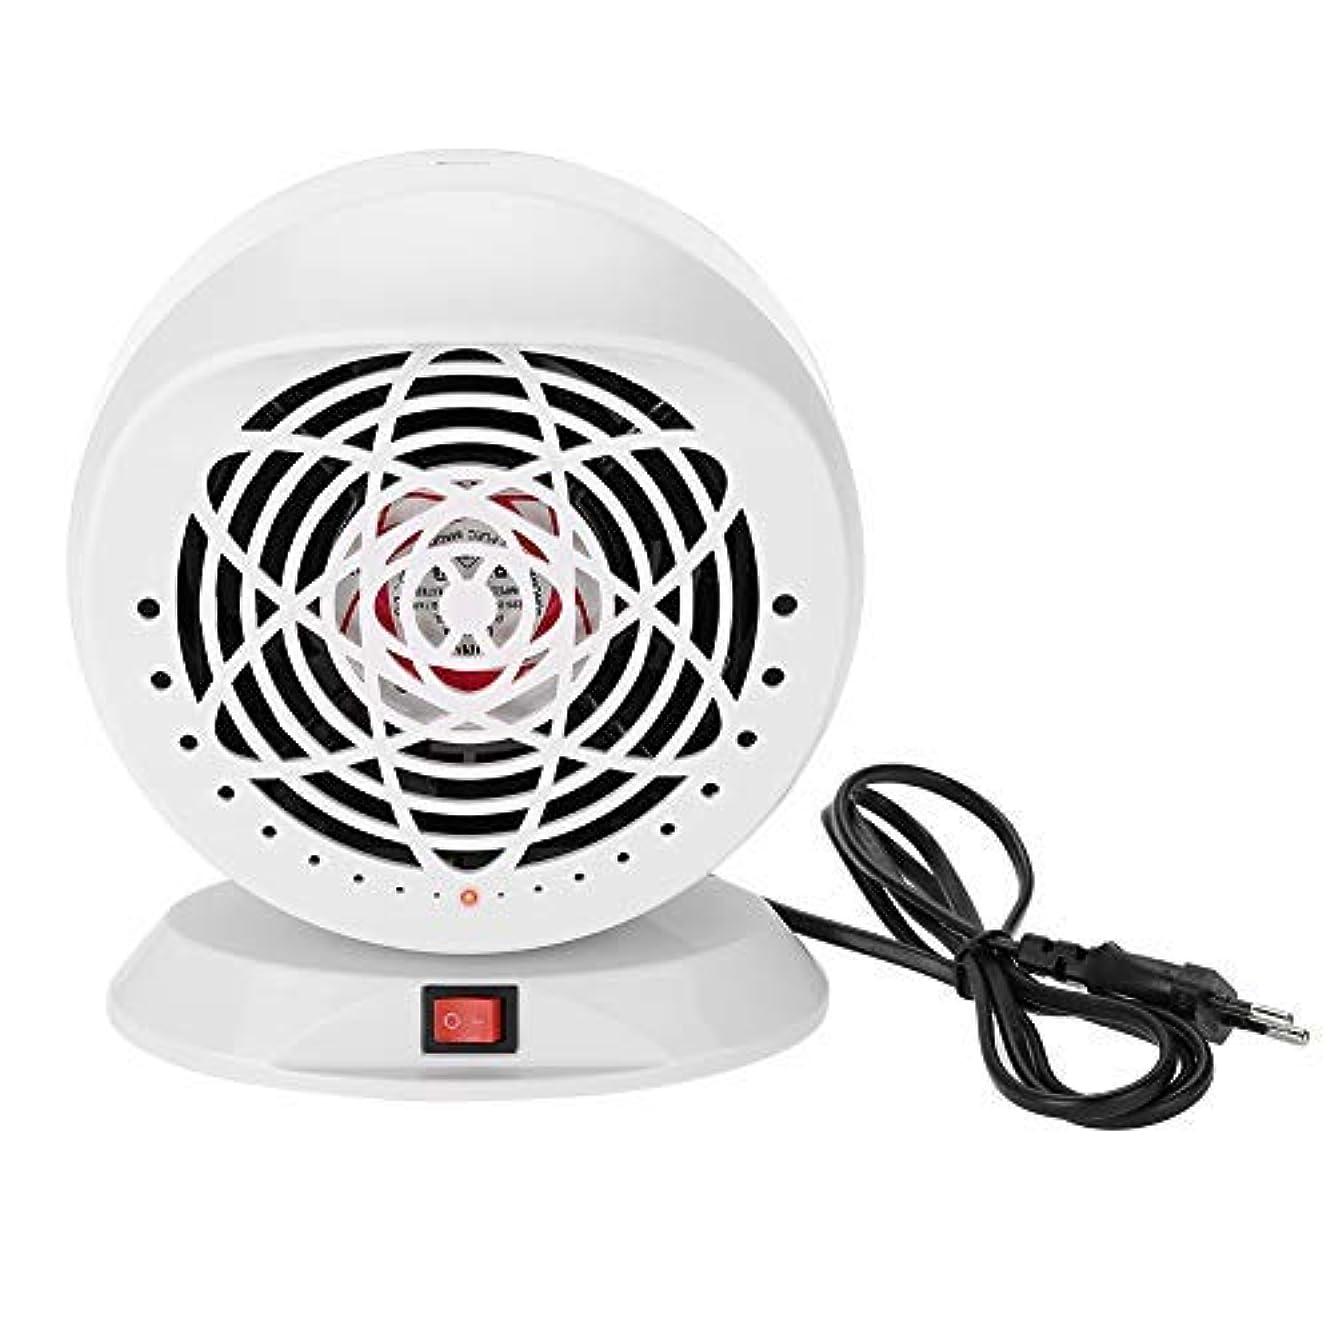 蜜マガジン創始者ネイル集塵機 25W ネイルダスト ネイル機器 ミニサイズ 低騒音 ネイルケア サロン お手入れ簡単